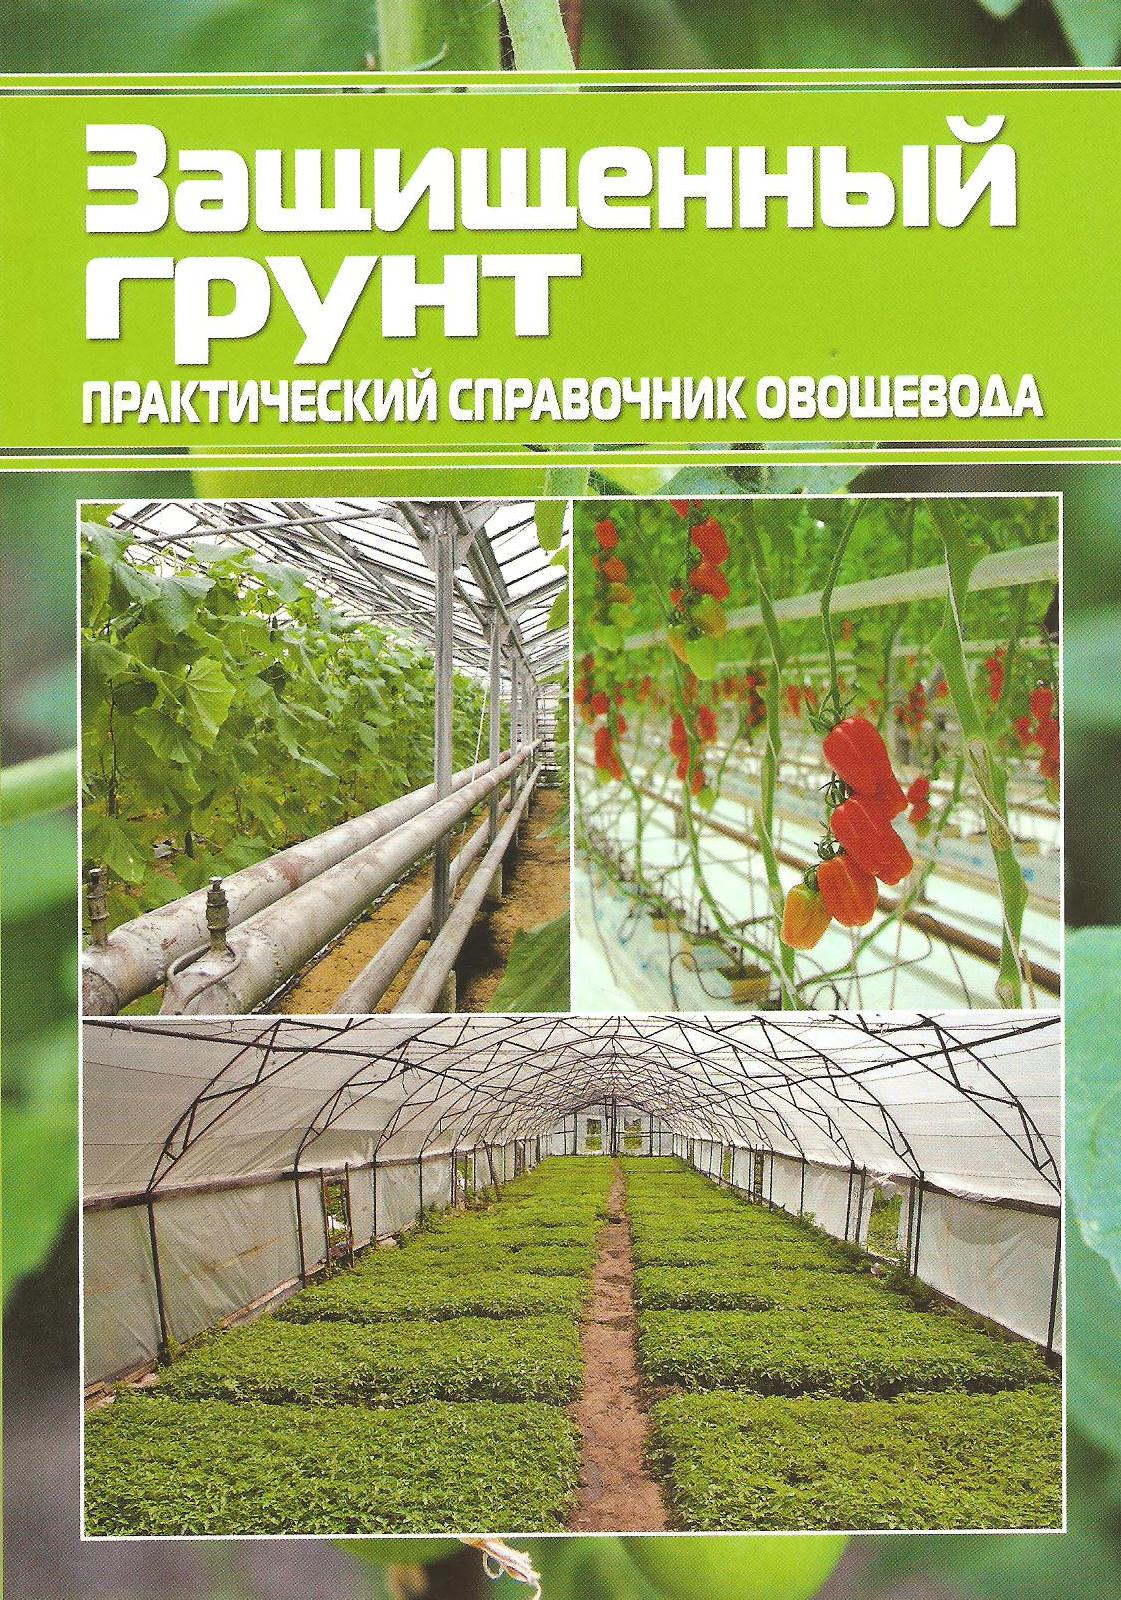 Курсовые овощи защищенного грунта найден Файл курсовые овощи защищенного грунта